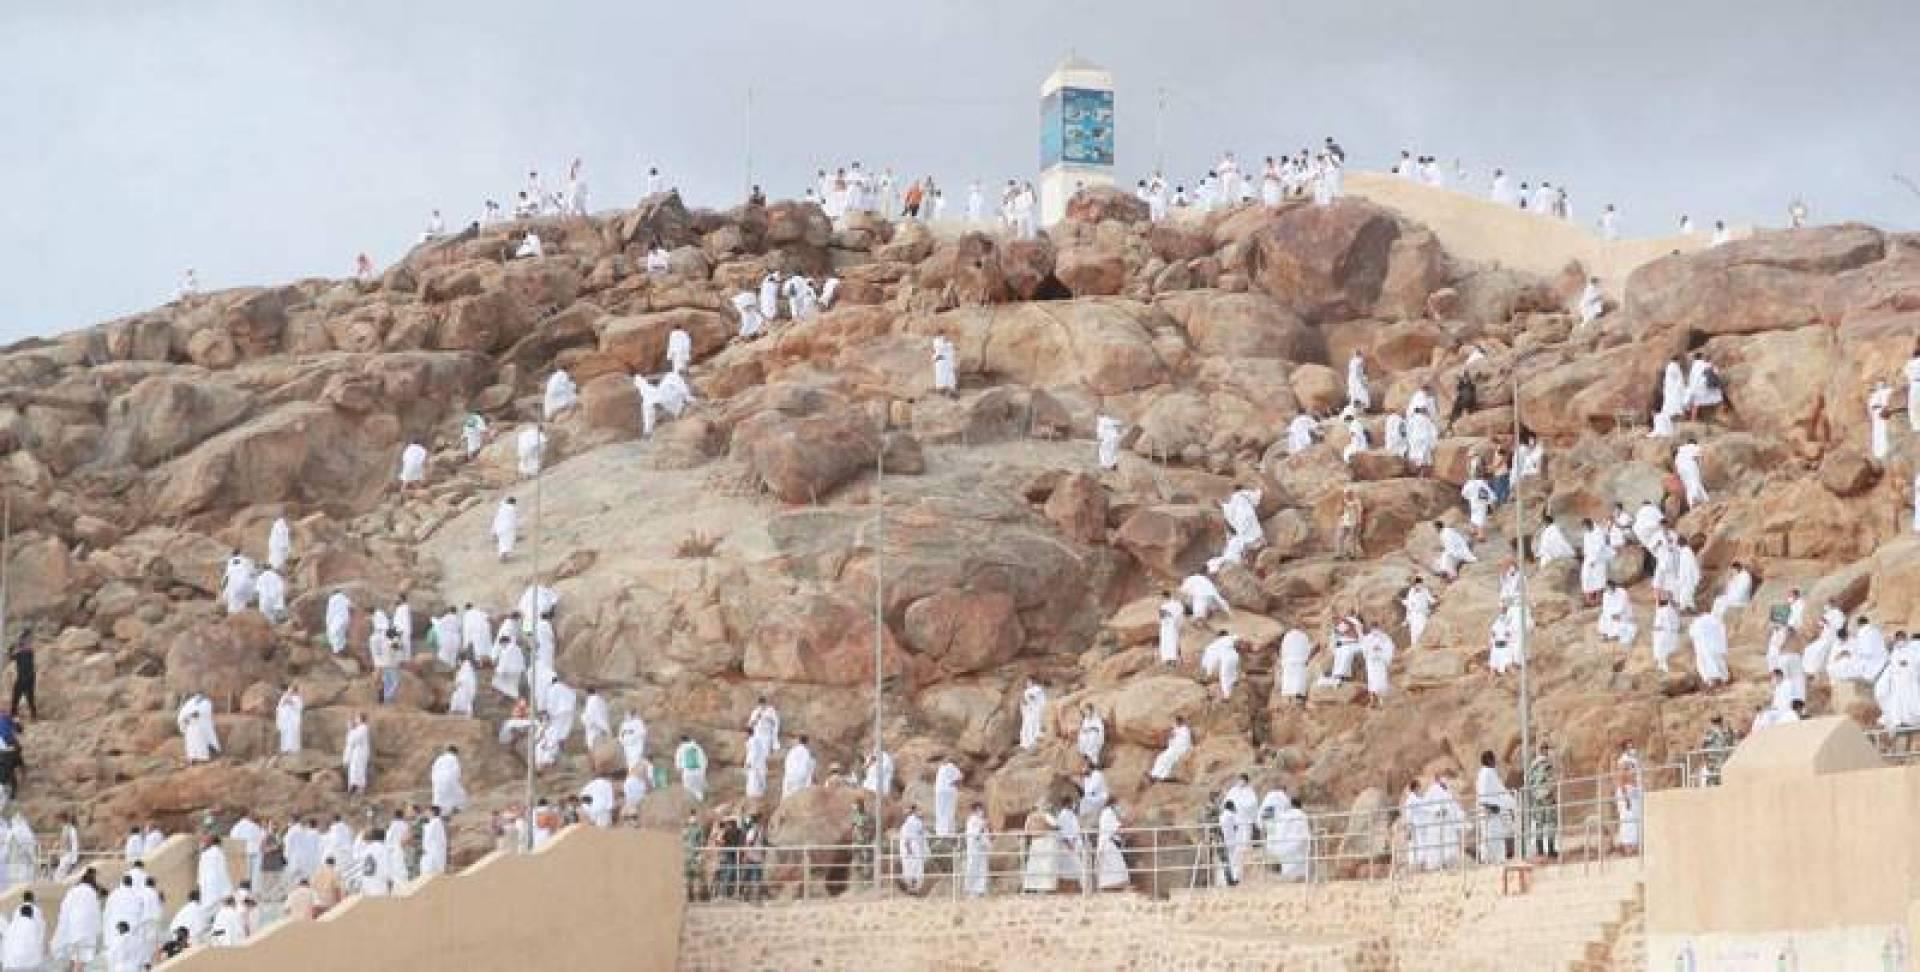 حجاج بيت الله الحرام يؤدون الركن الأعظم على جبل عرفات أمس (أ.ف.ب)